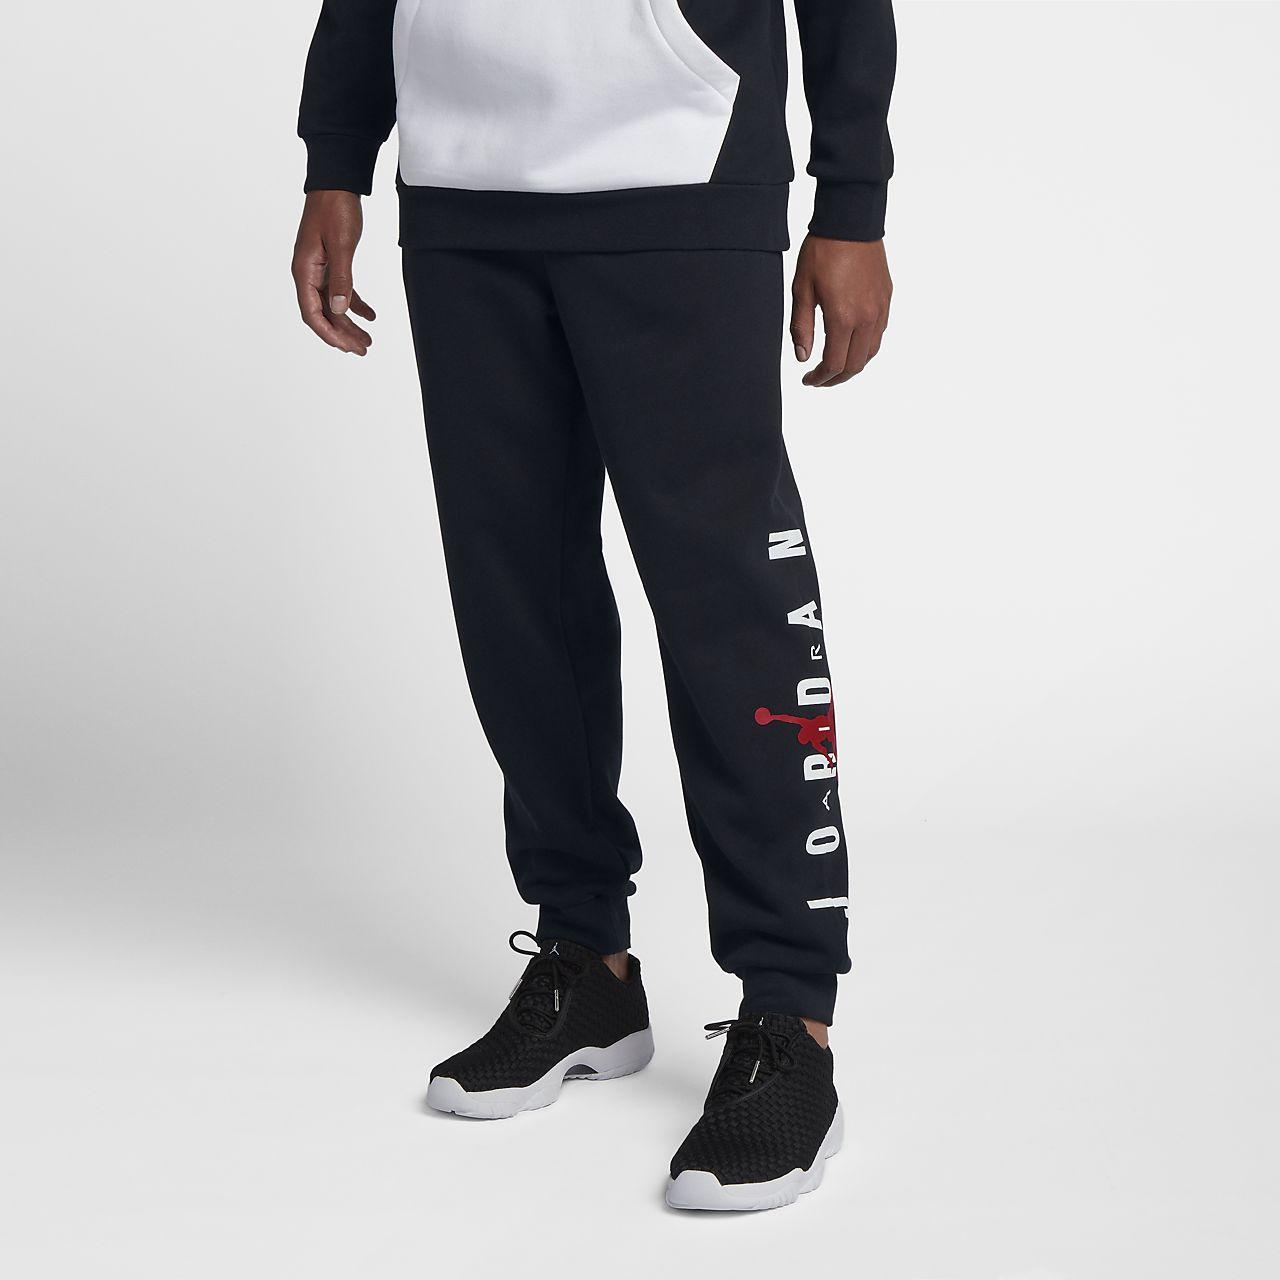 0187b47f1125ab Jordan Jumpman Air Men s Fleece Trousers. Nike.com SI